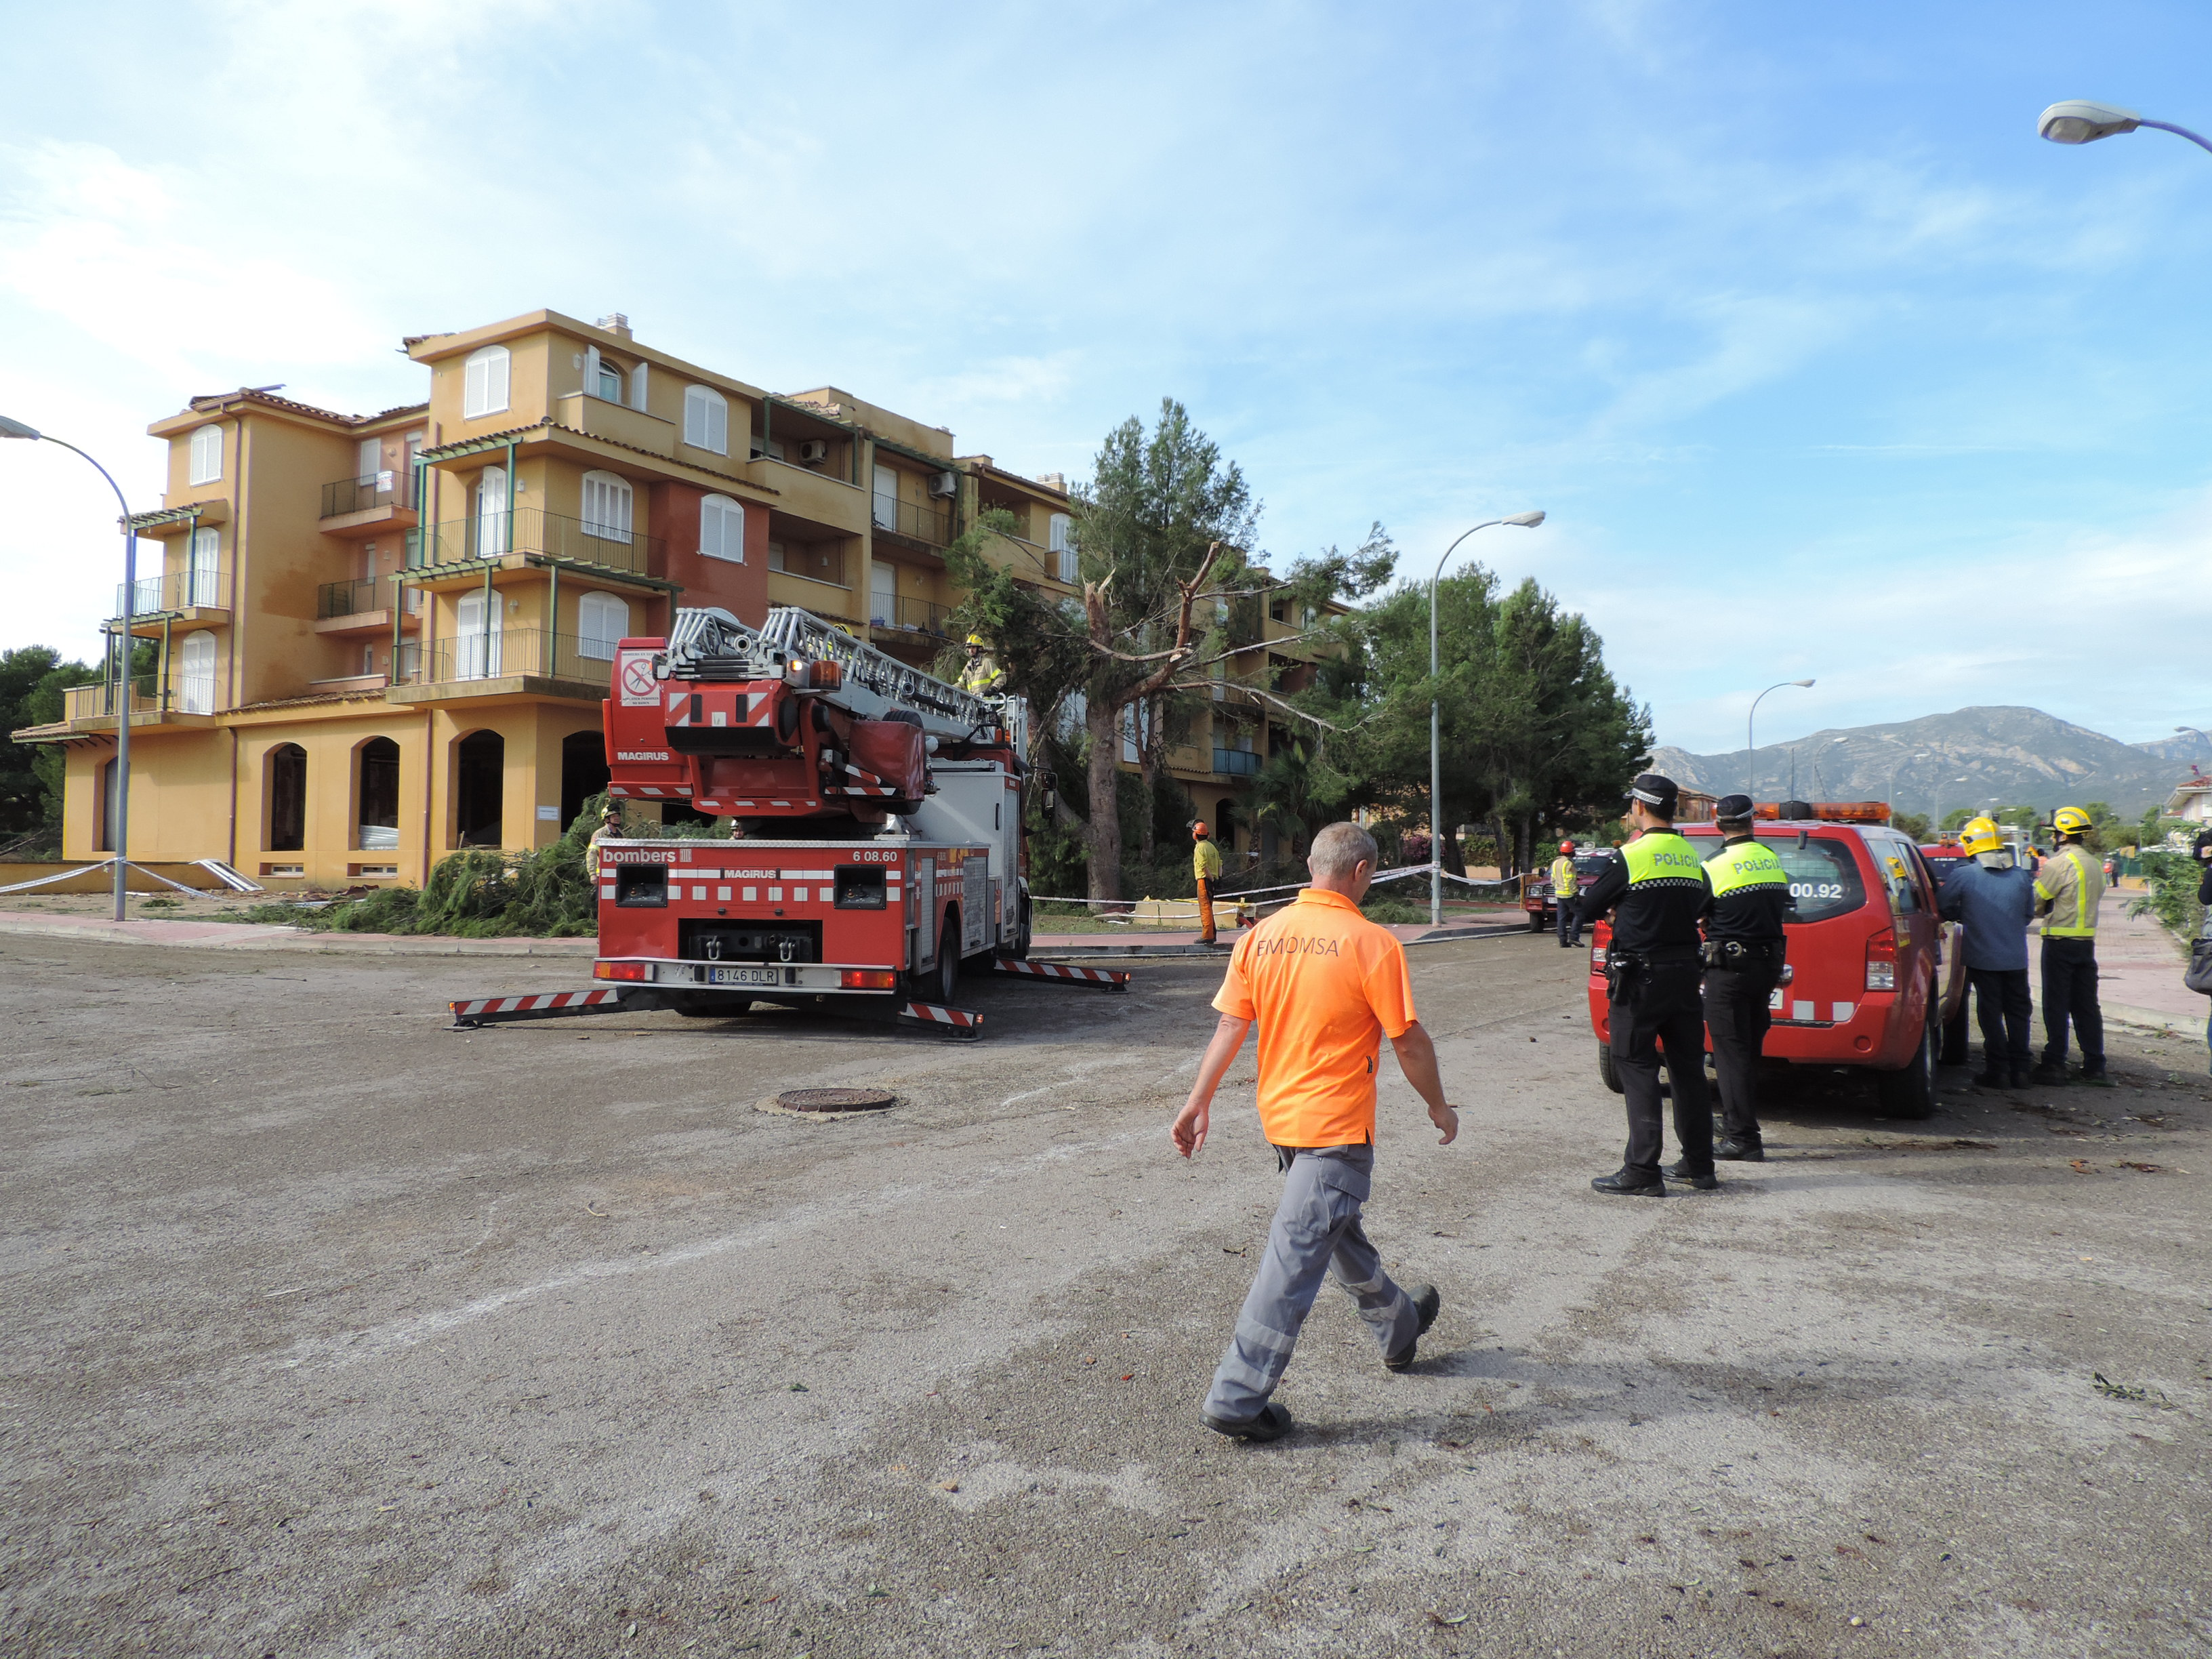 Cuerpos de seguridad y brigadas municipales se coordinan para restablecer normalidad